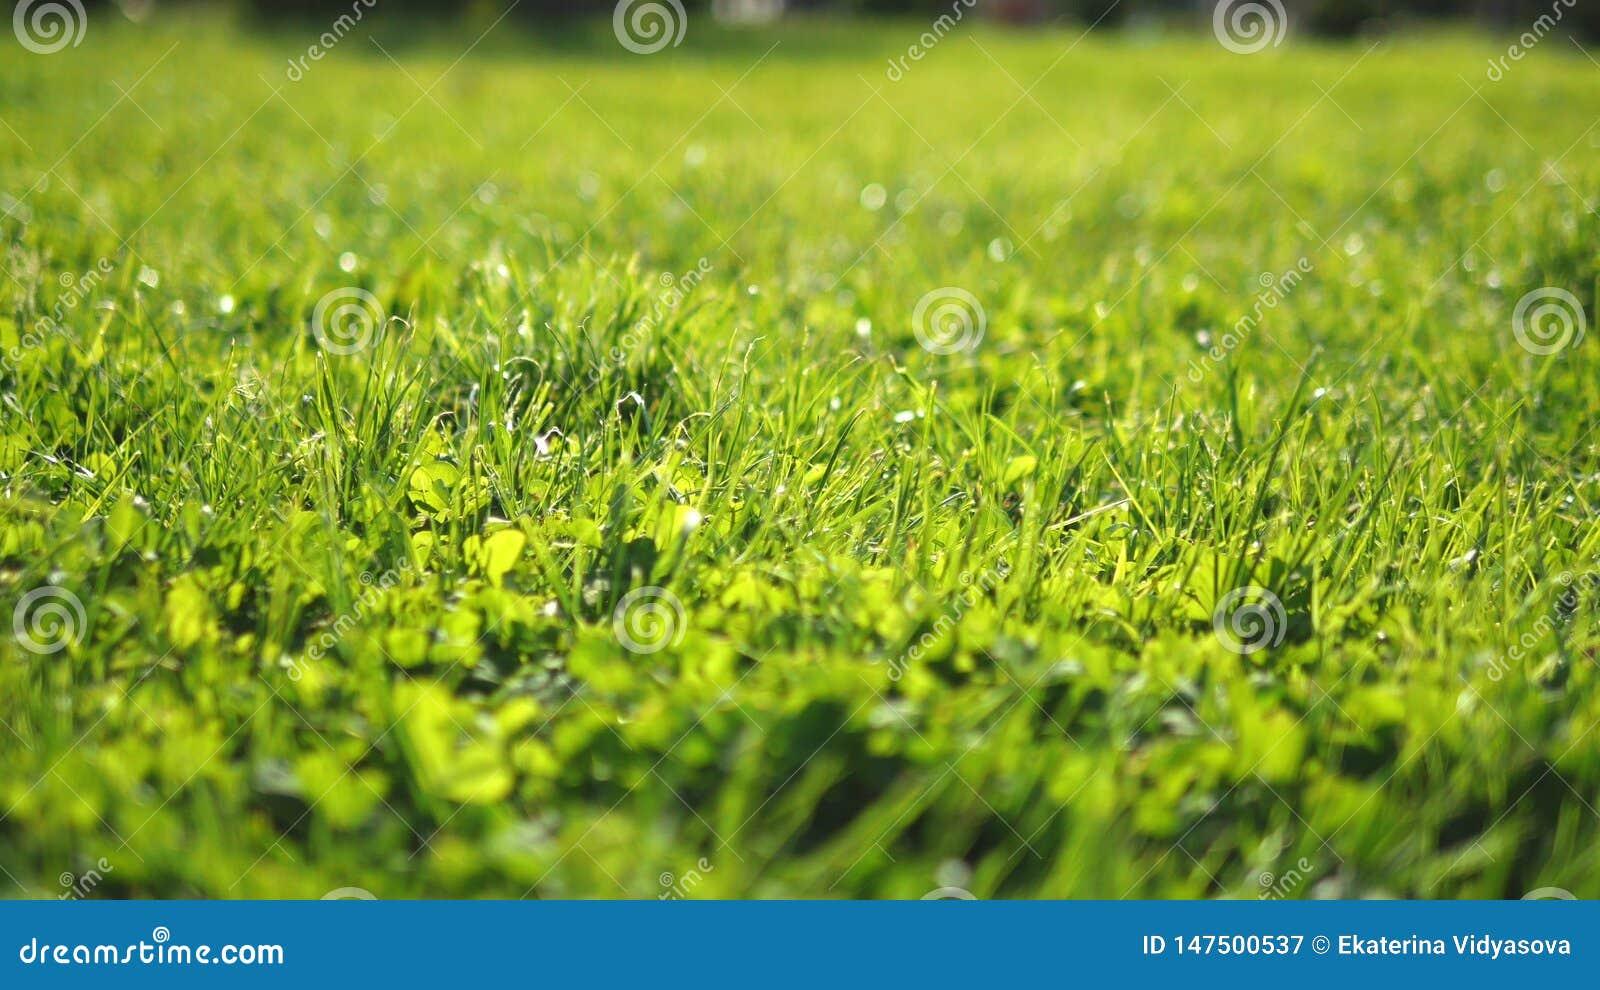 Primer hierba arreglada joven verde jugosa en el sol, fondo fresco brillante, textura